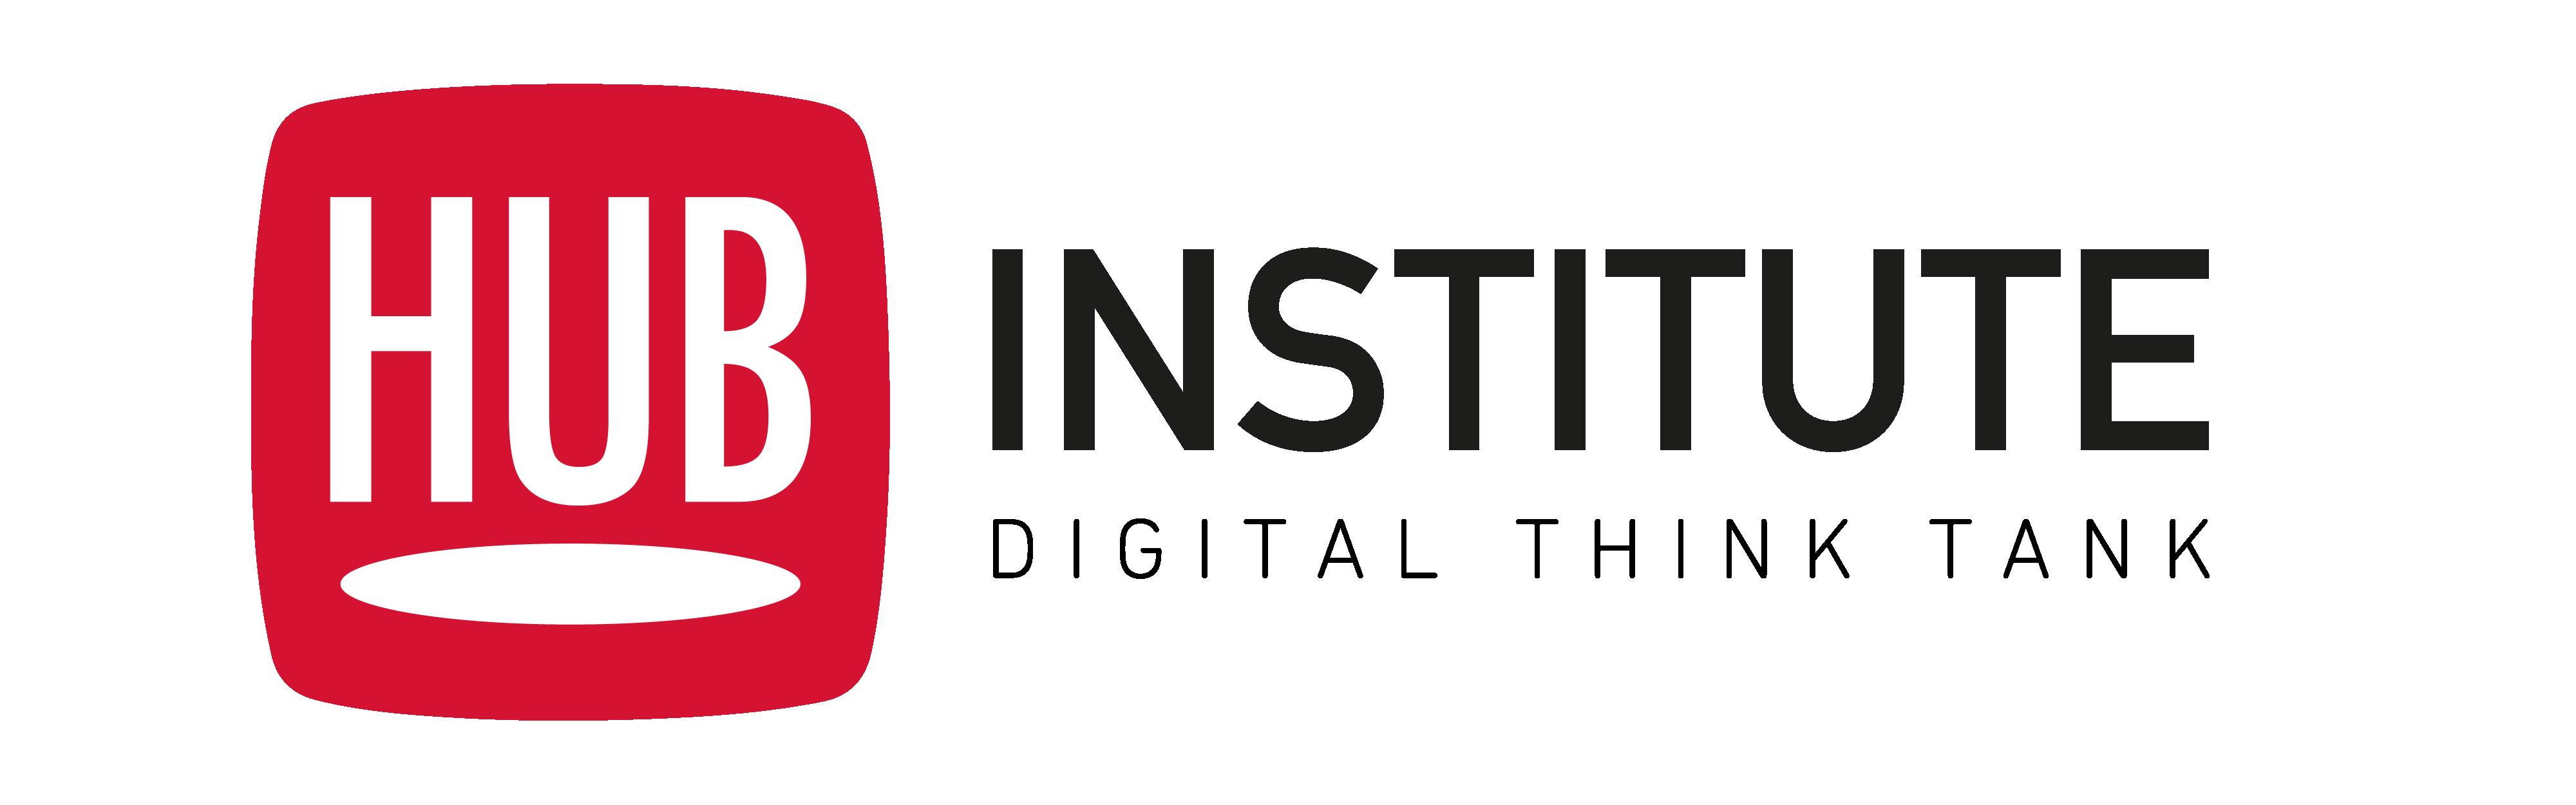 Hubinstitute